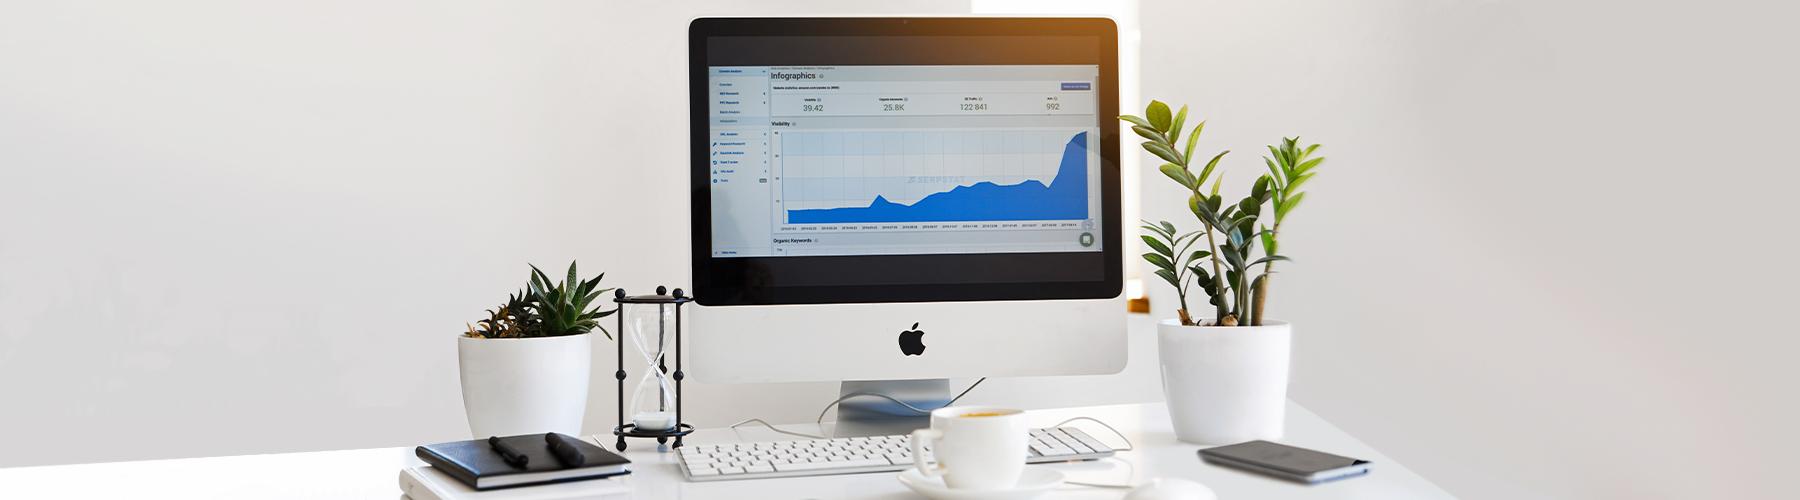 Cómo promover tu negocio de manera sencilla